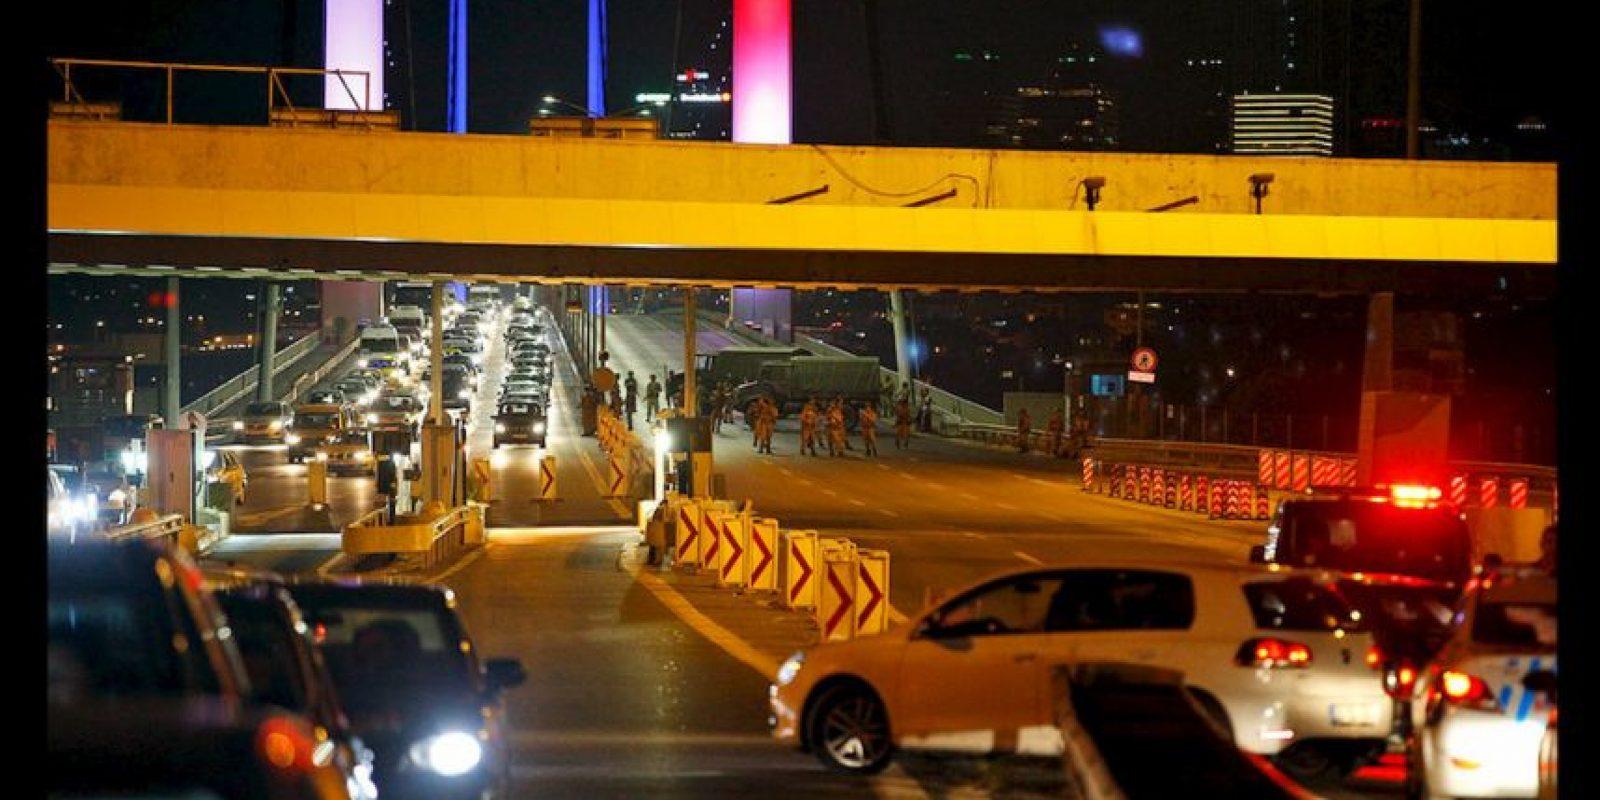 Un grupo de militares se sublevó y asegura tener el control del Gobierno de Turquía. Foto:AP